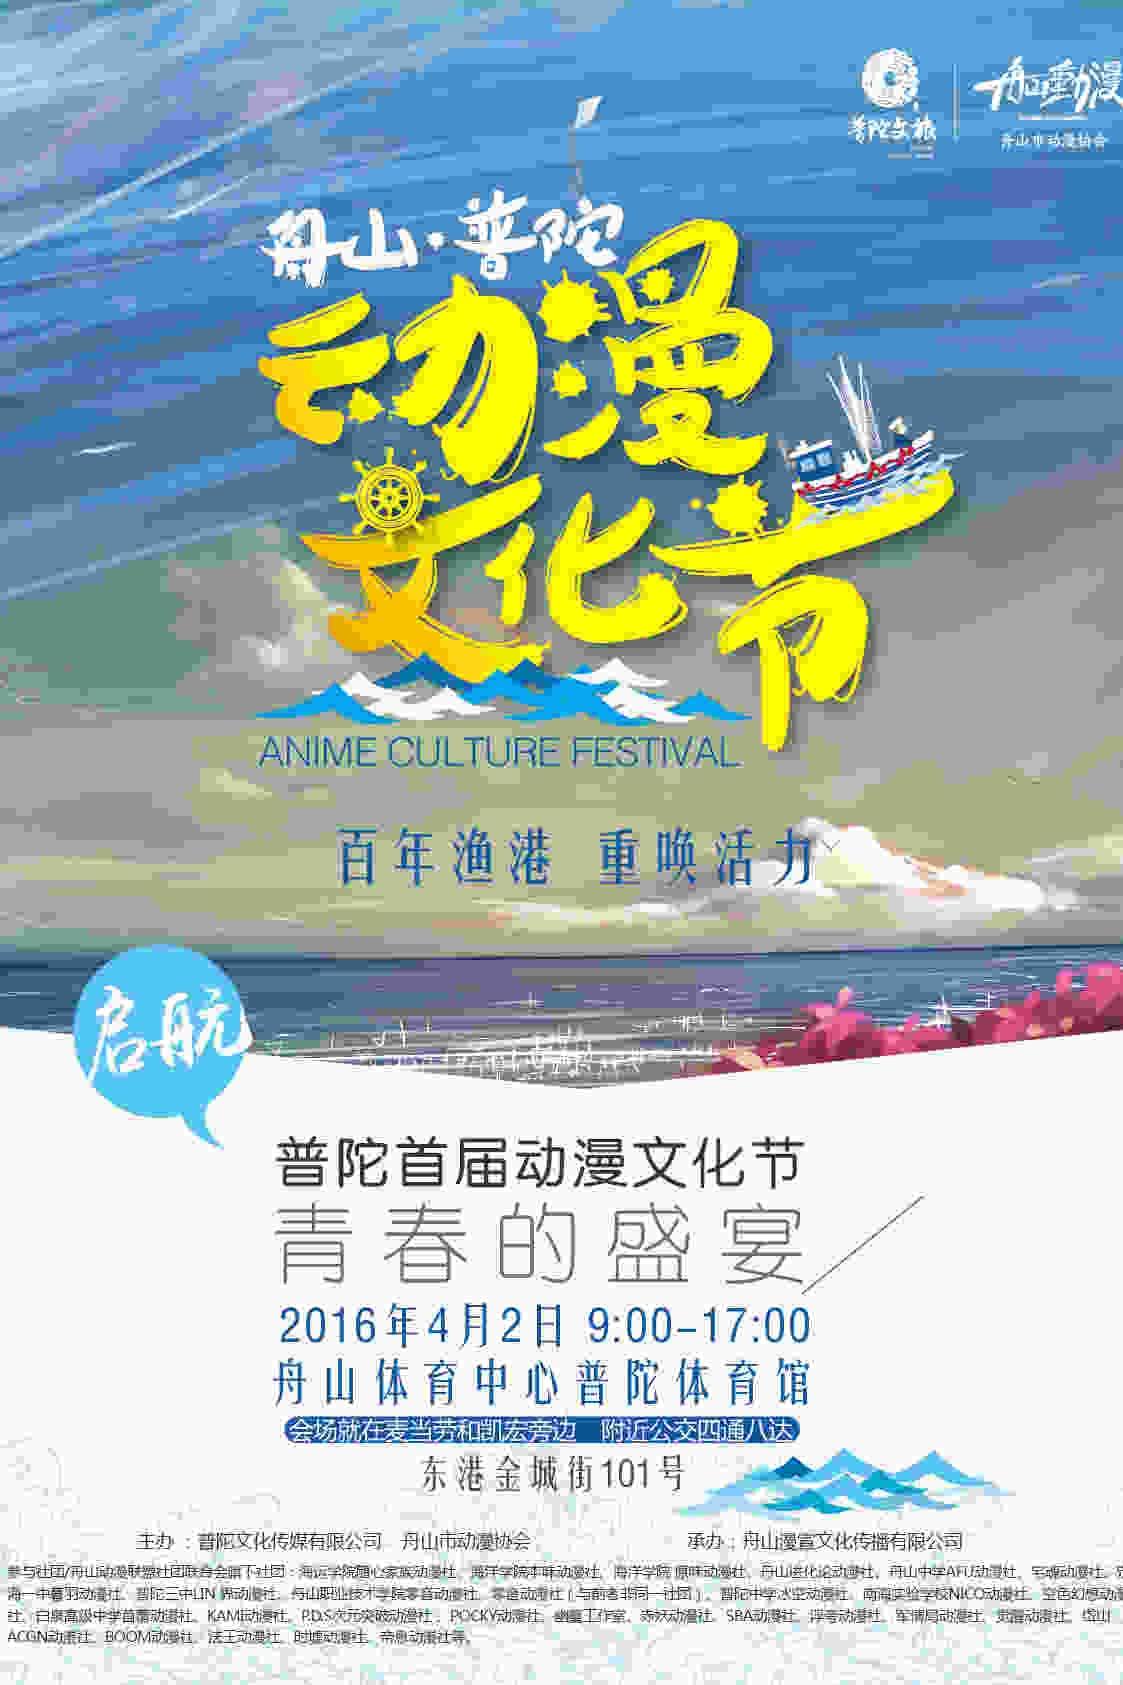 舟山动漫联盟普陀动漫文化节